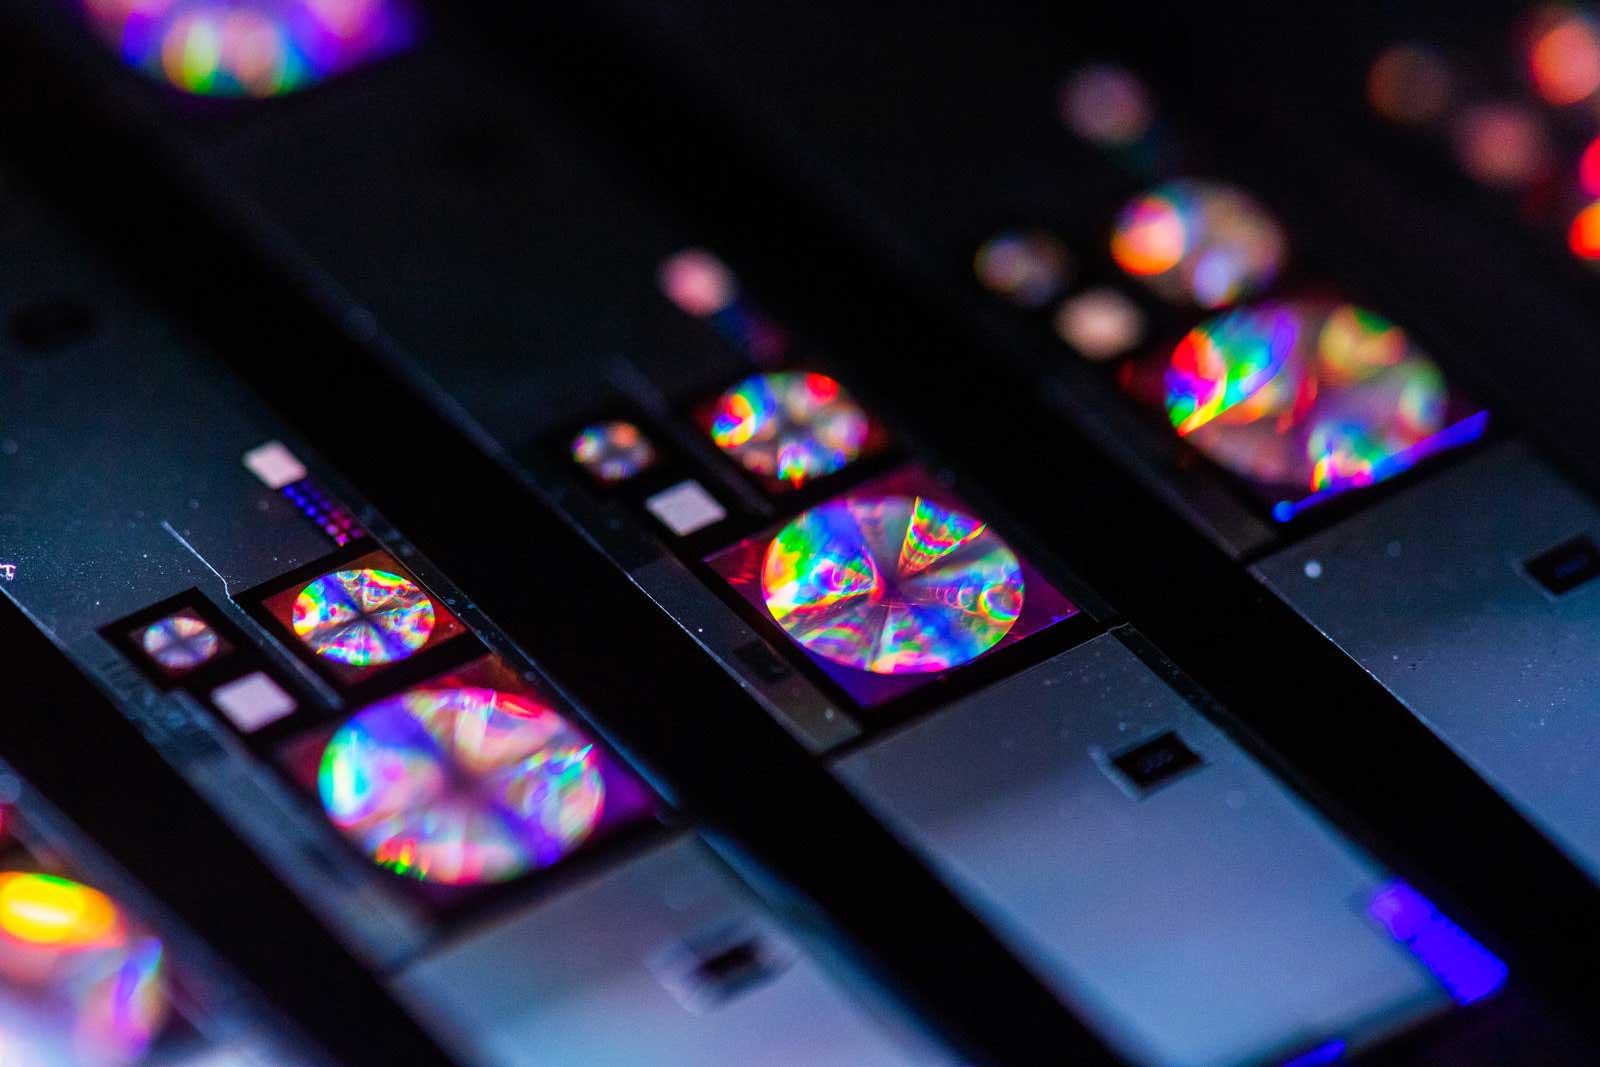 ارتقا کیفیت دوربین های موبایل با لنز جدید شرکت Metalenz